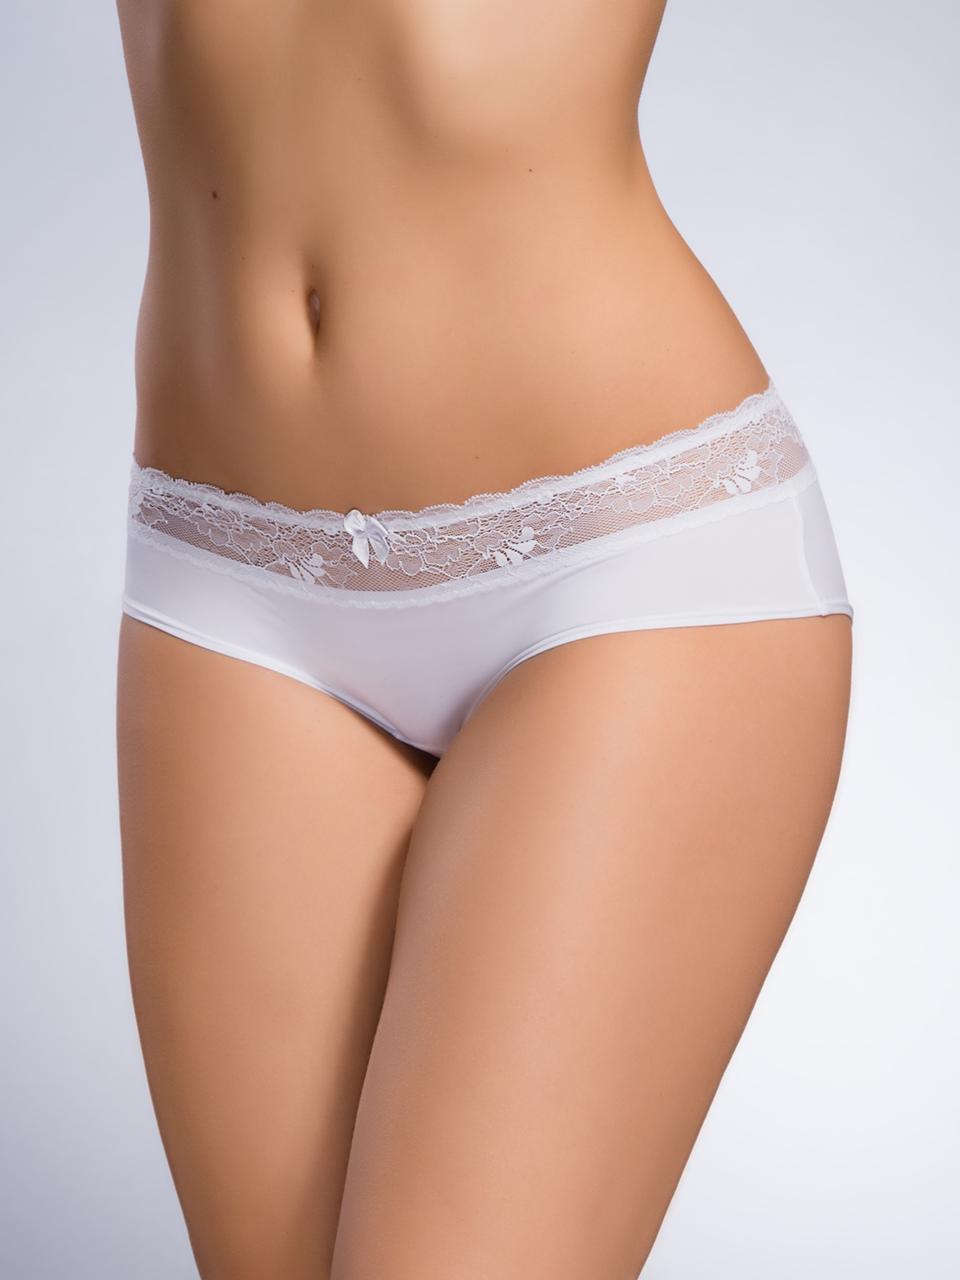 Трусики жіночі Acousma P6411H, колір Білий,  розмір L